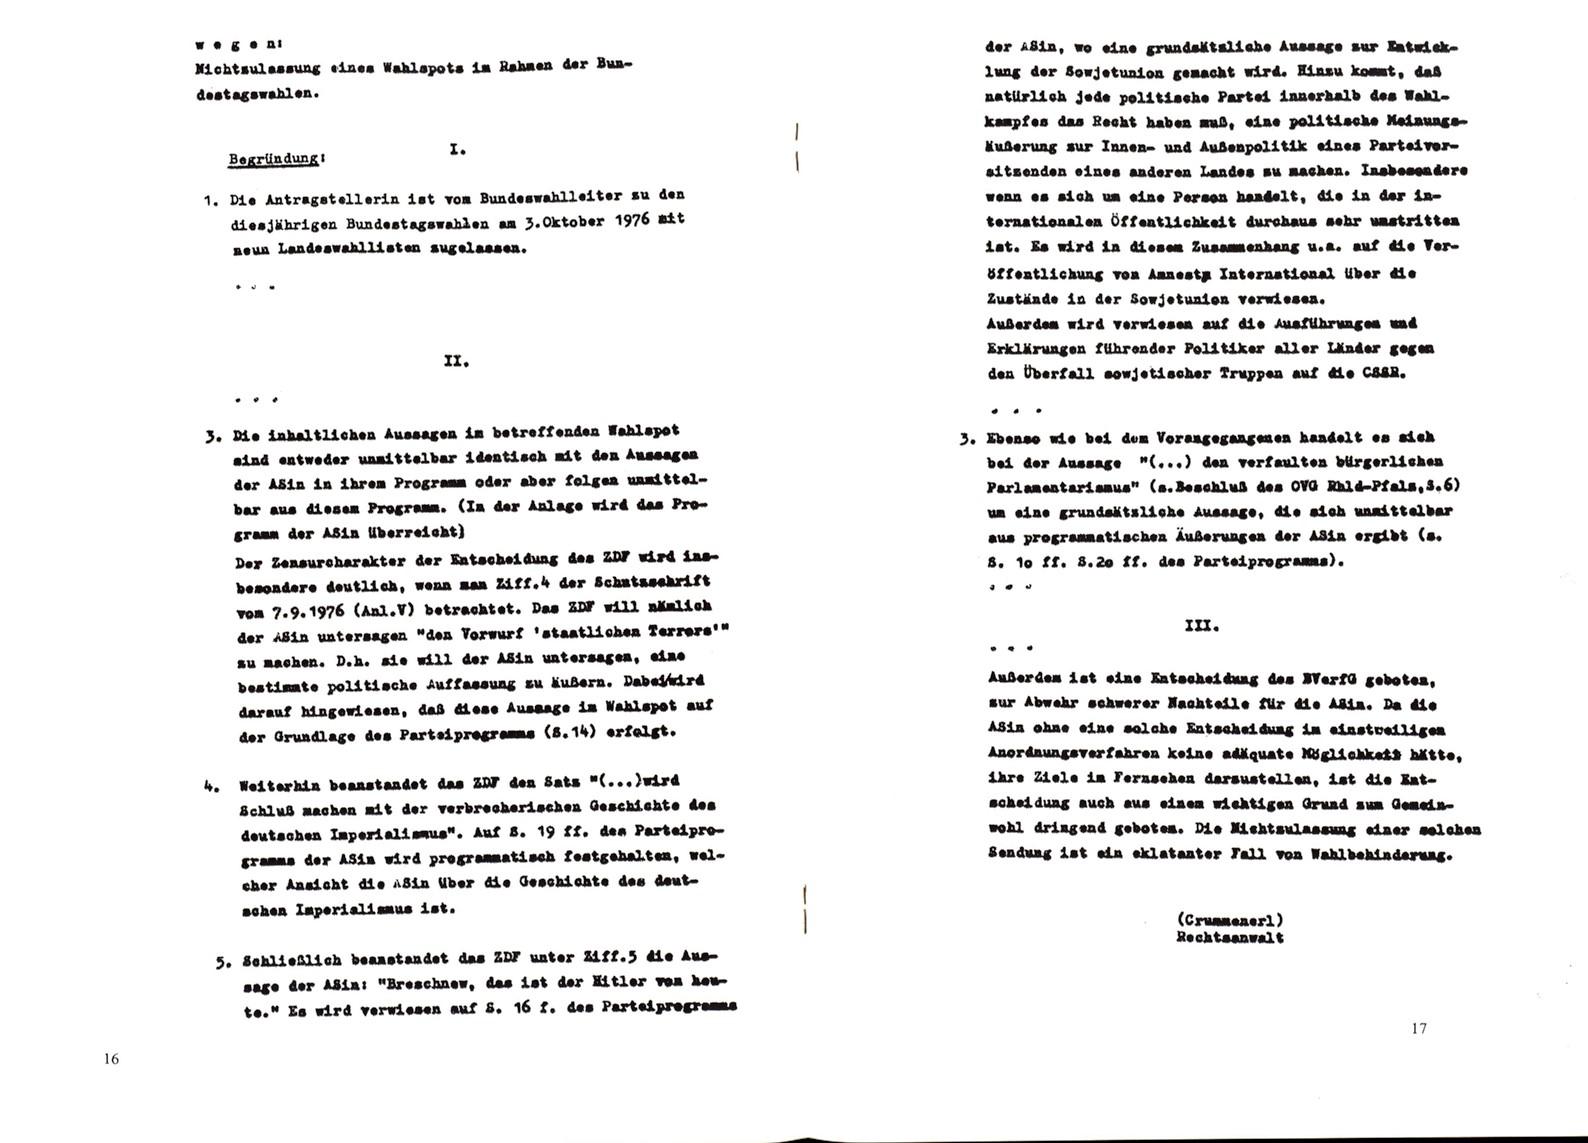 KPDAO_1976_Wahlbehinderungen_im_BTW_10